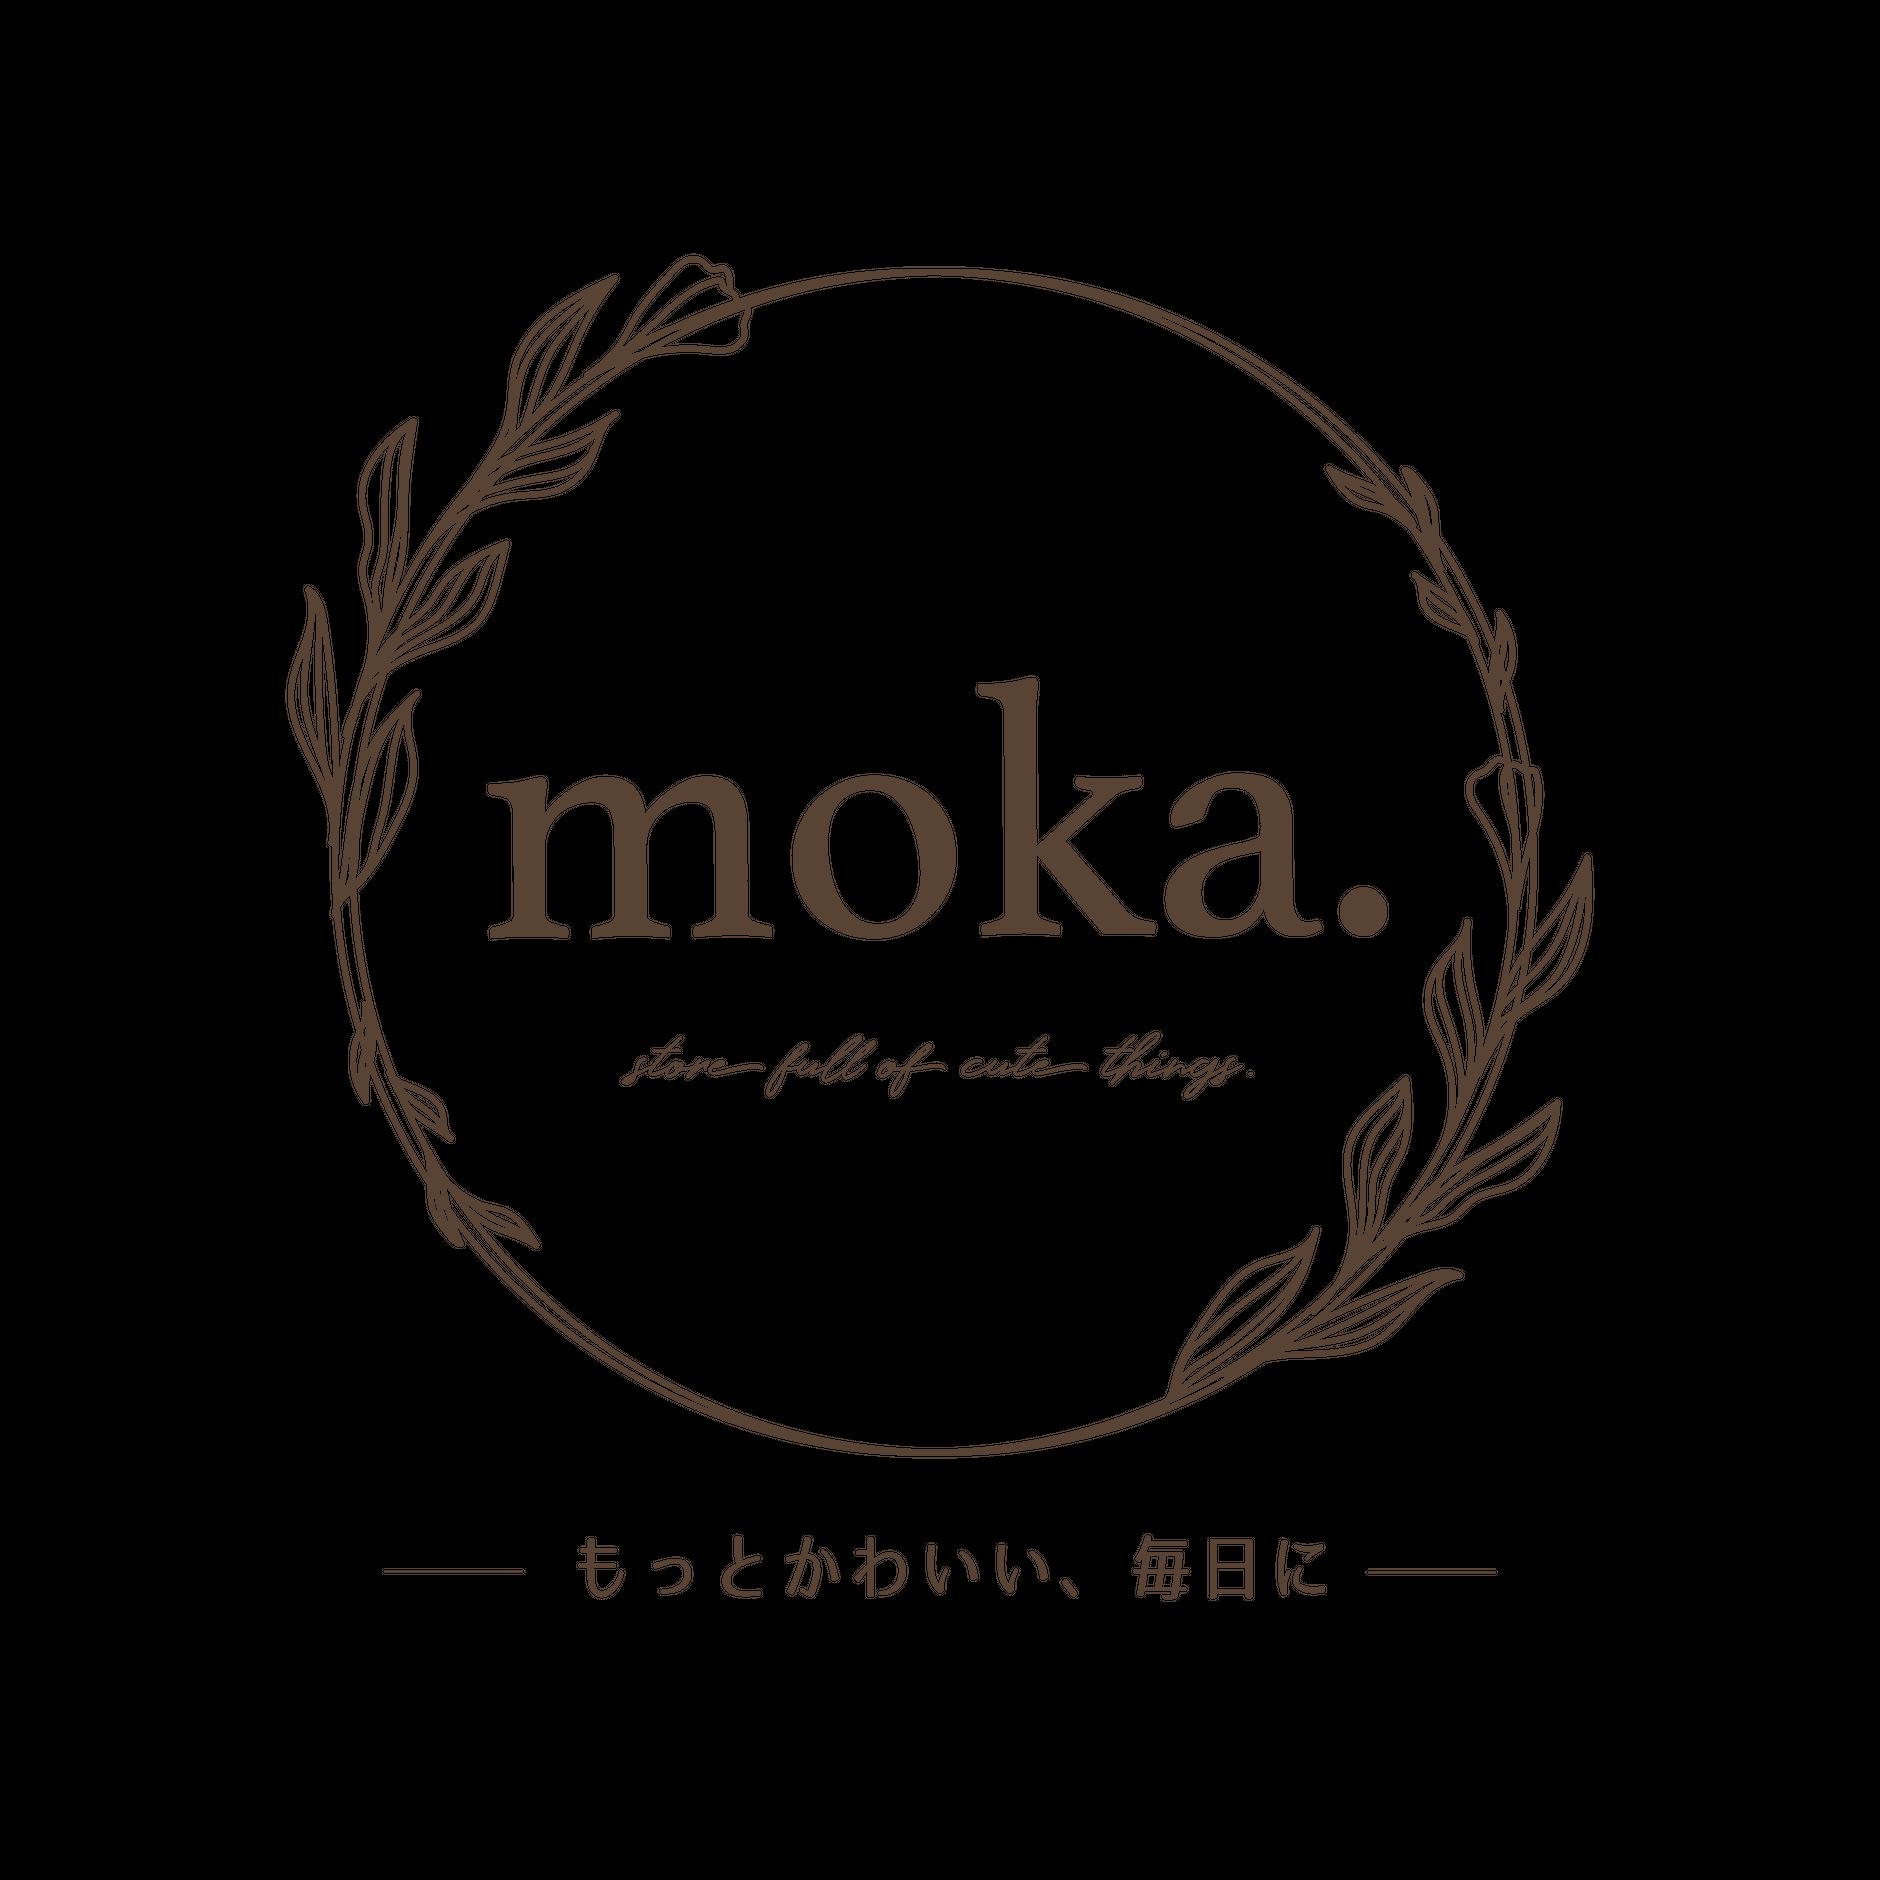 moka.